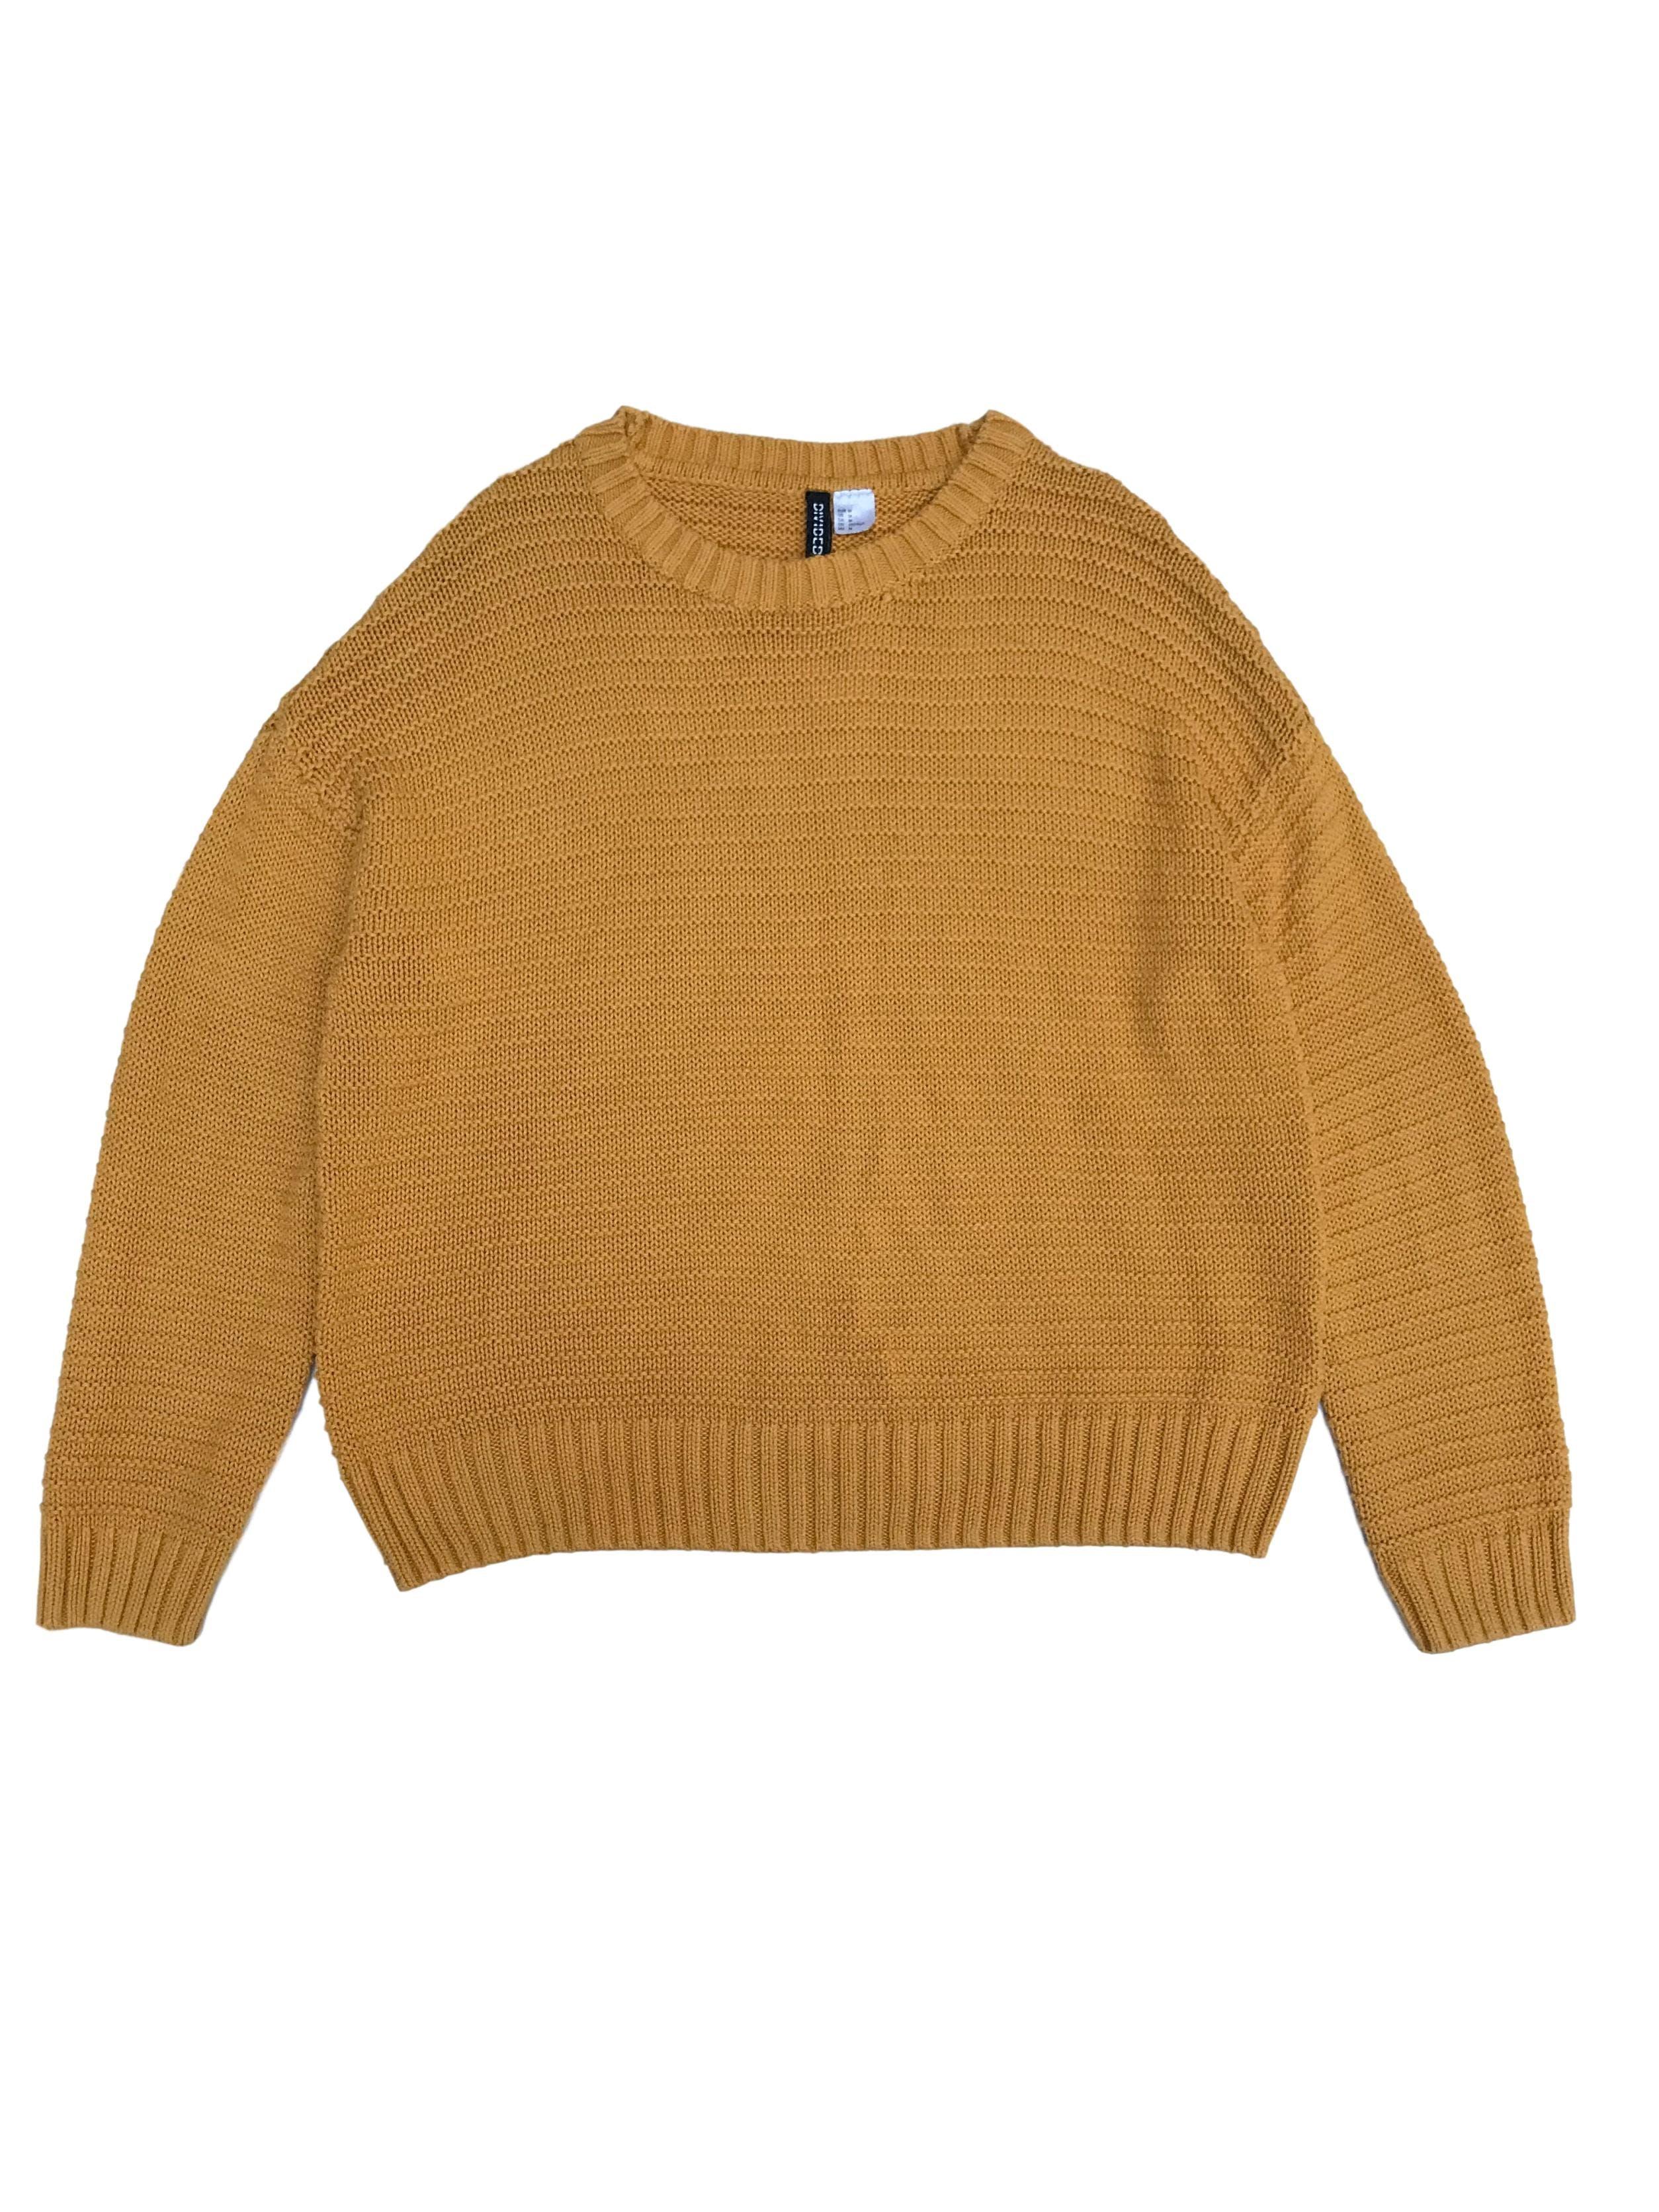 Chompa H&M amarilla con textura y acanalado en cuello, puños y basta.